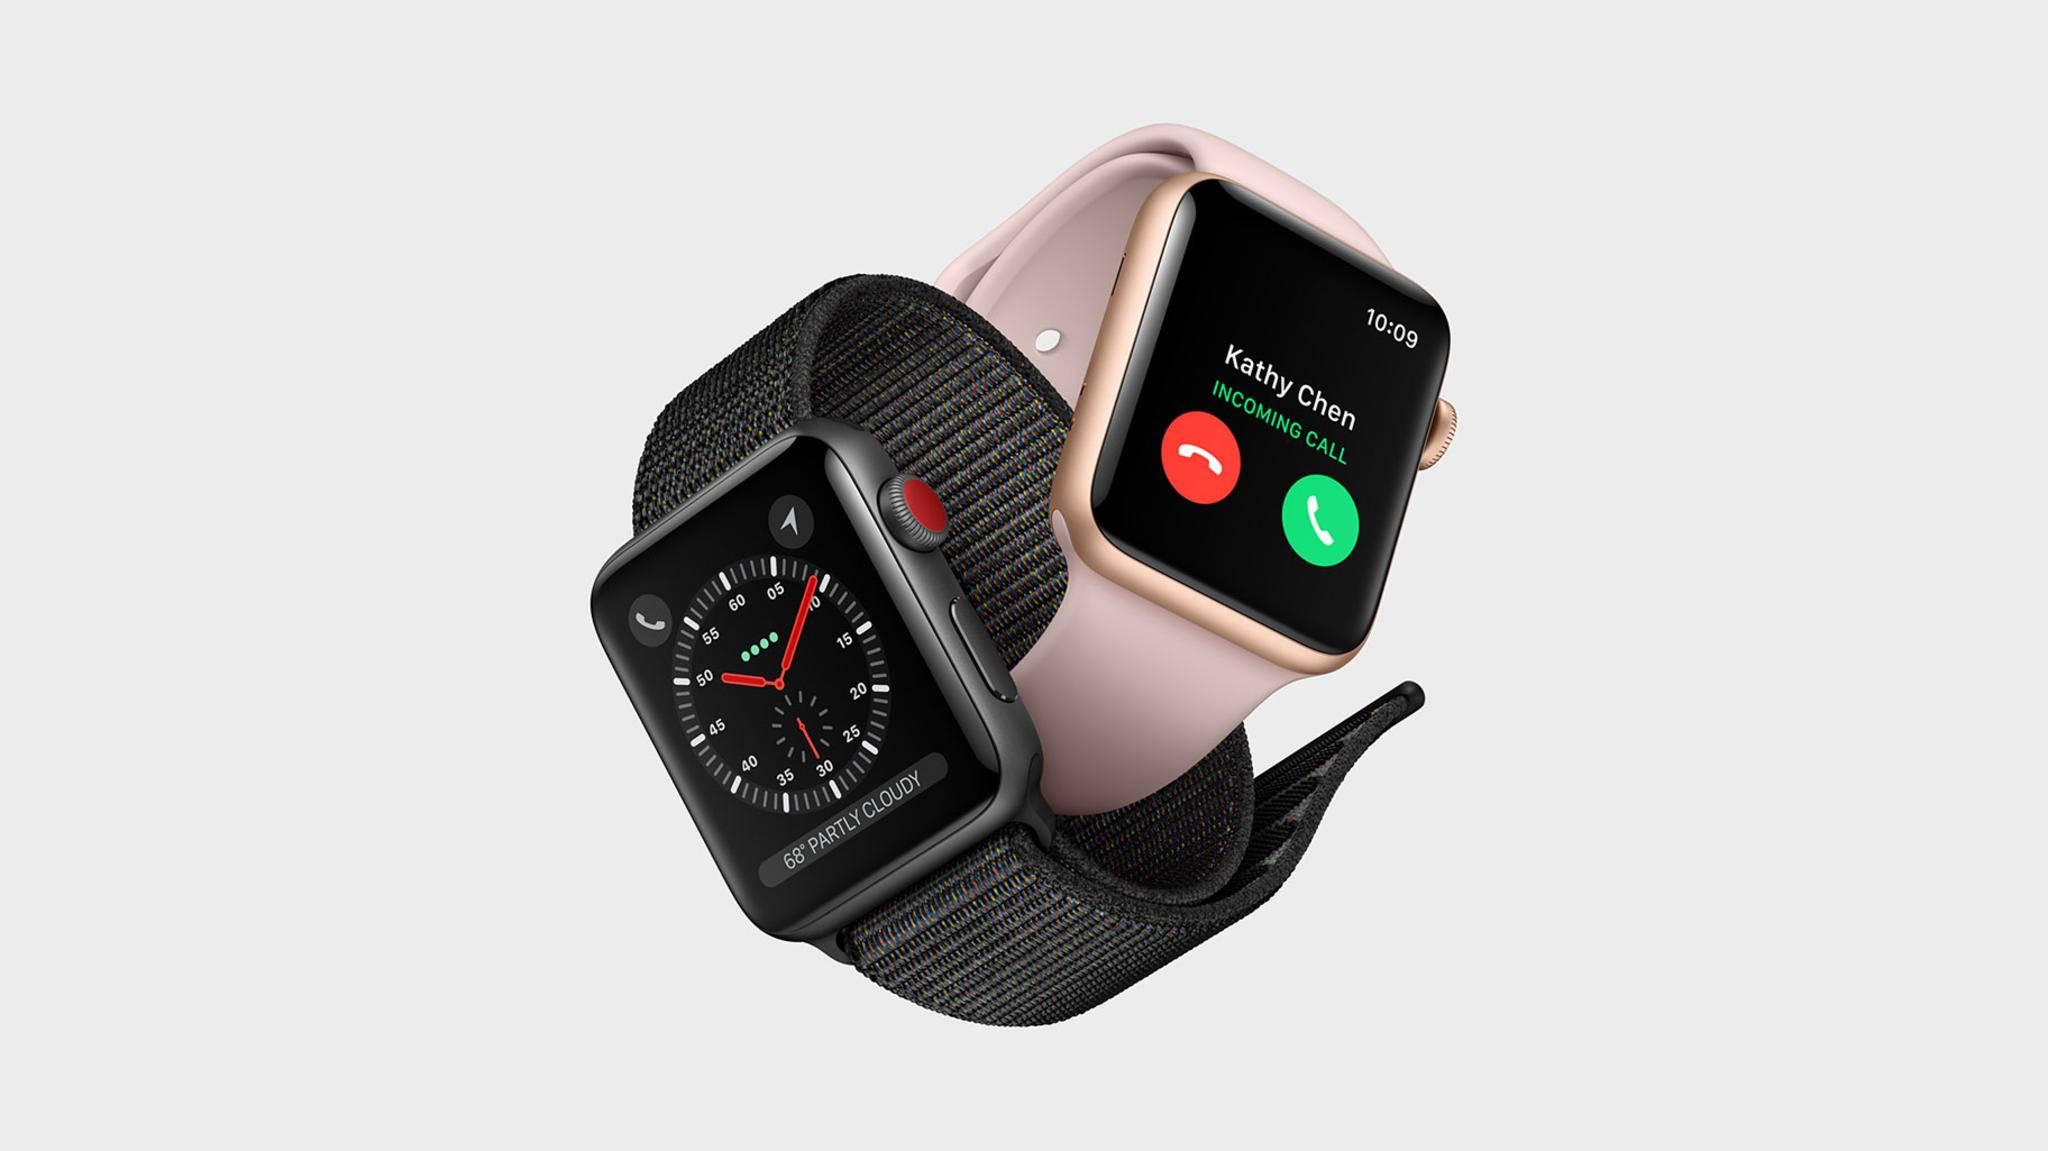 Die Apple Watch kommt am 24. April auf den Markt.